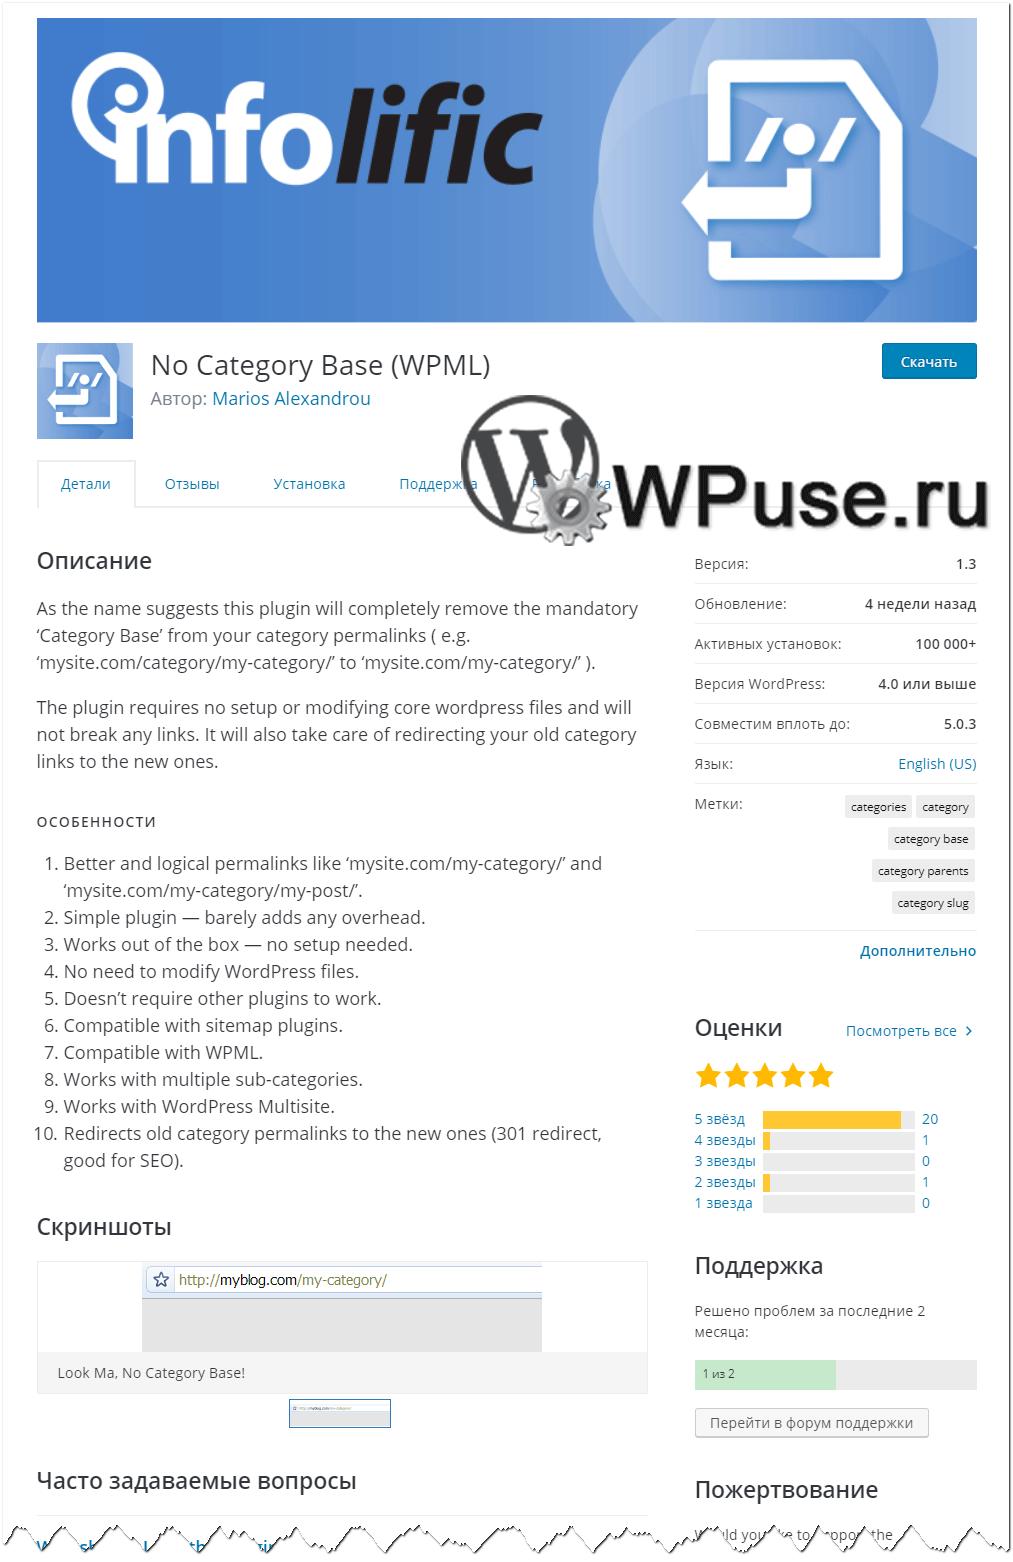 Плагин, позволяющий удалить префикс category из формируемых WordPress-ом ссылок